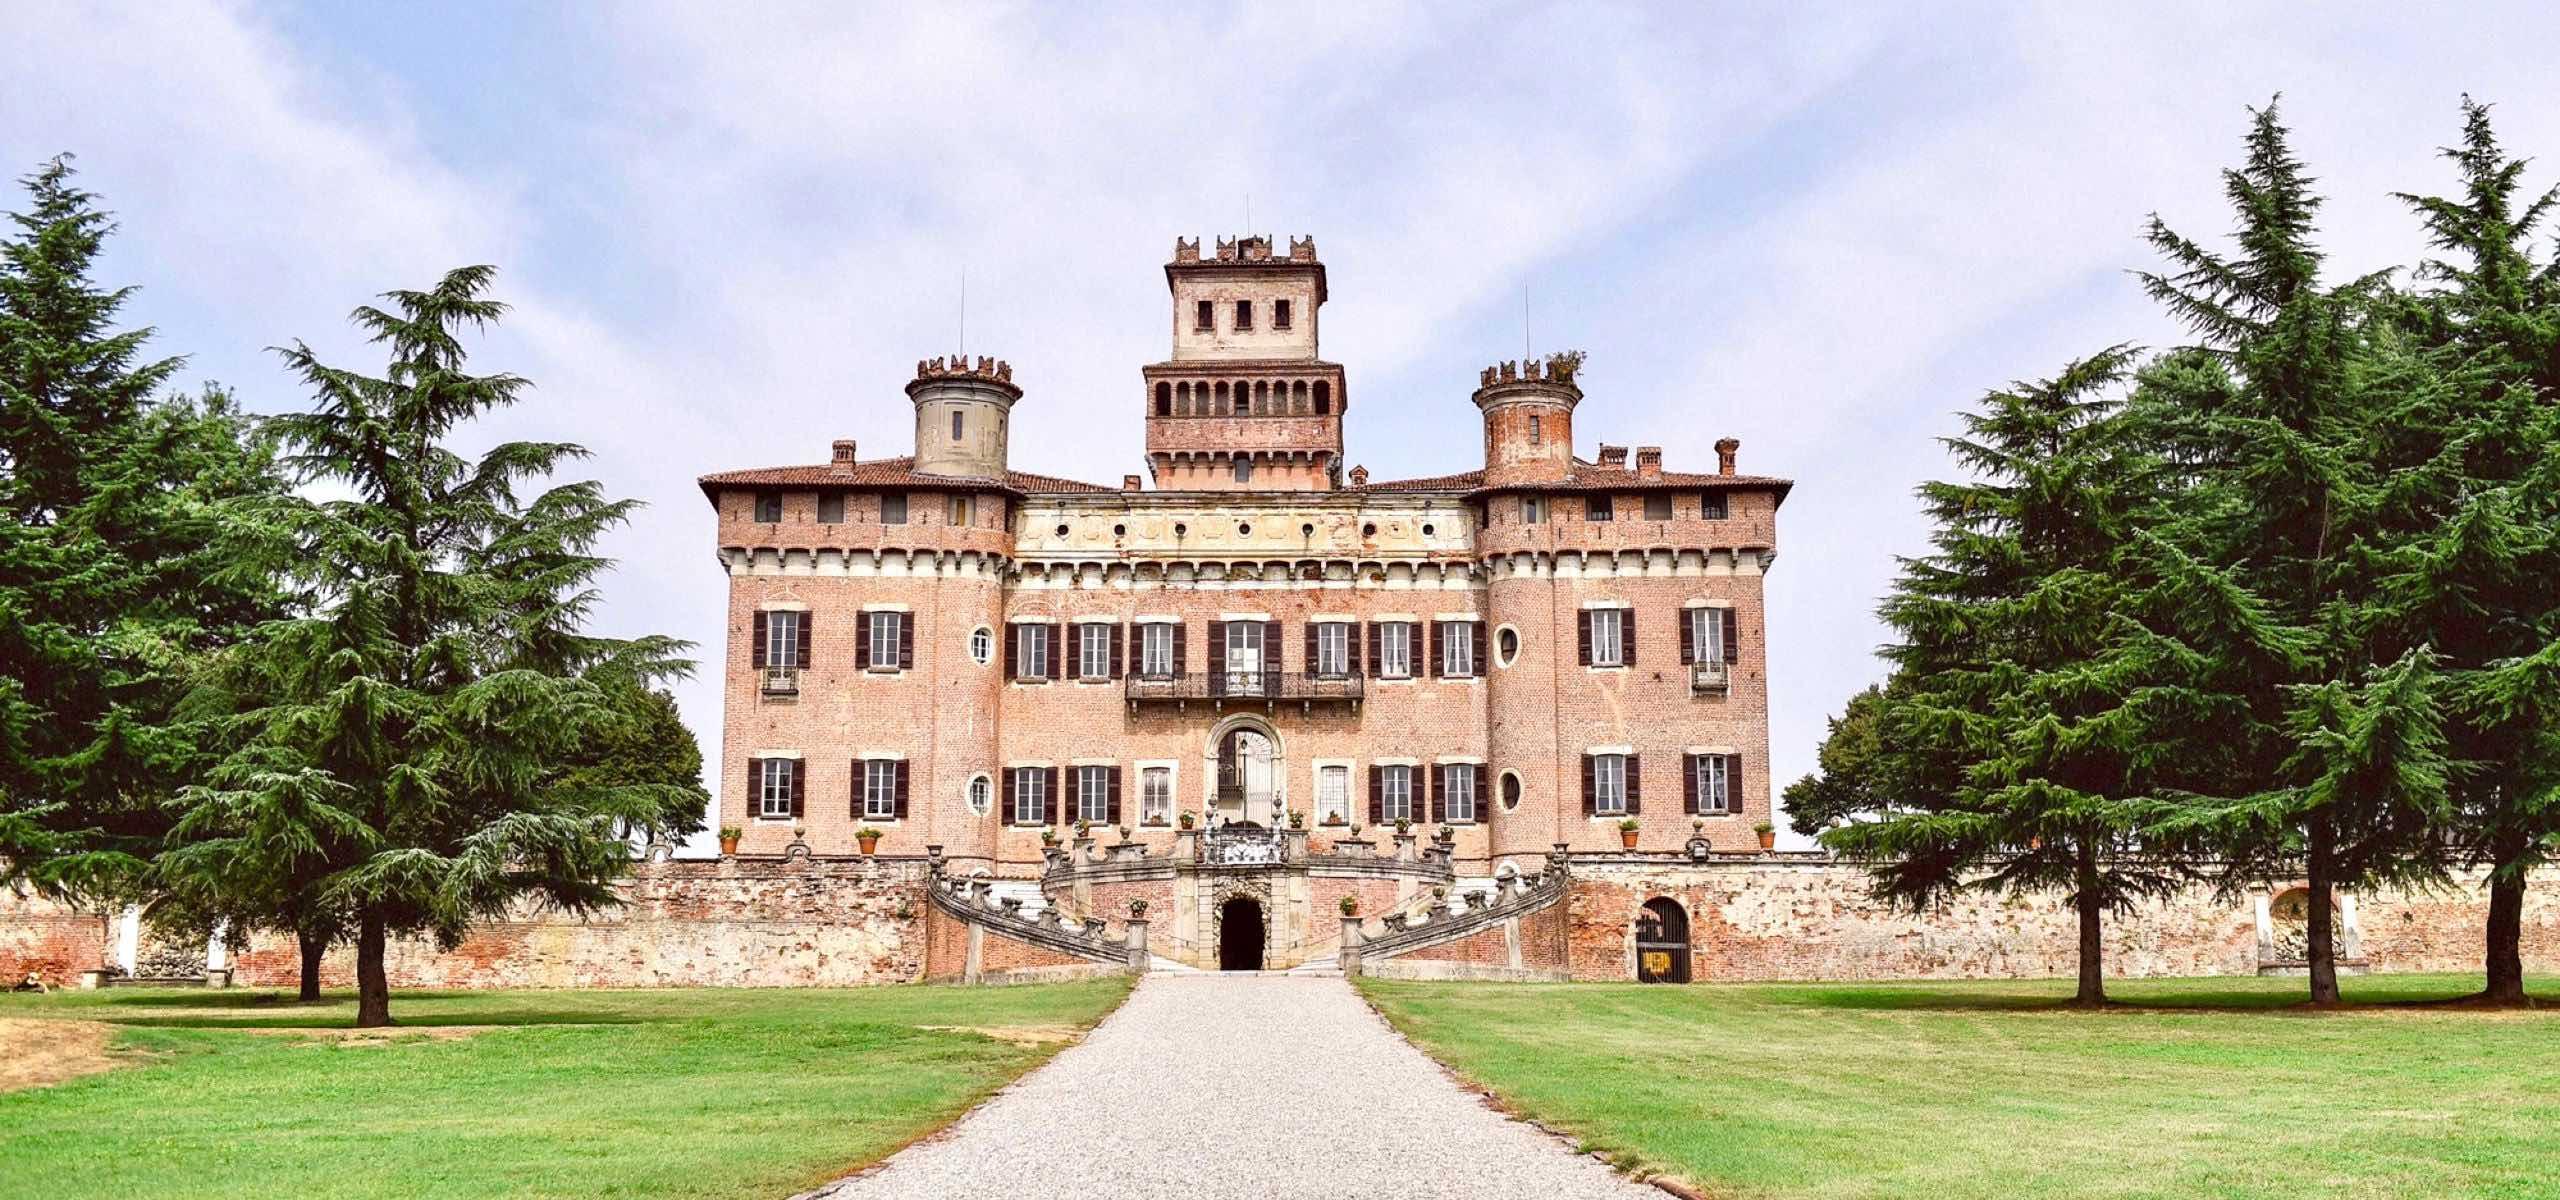 #iorestoinitalia e visito il patrimonio culturale del Bel Paese. Il video-appello dell'ADSI